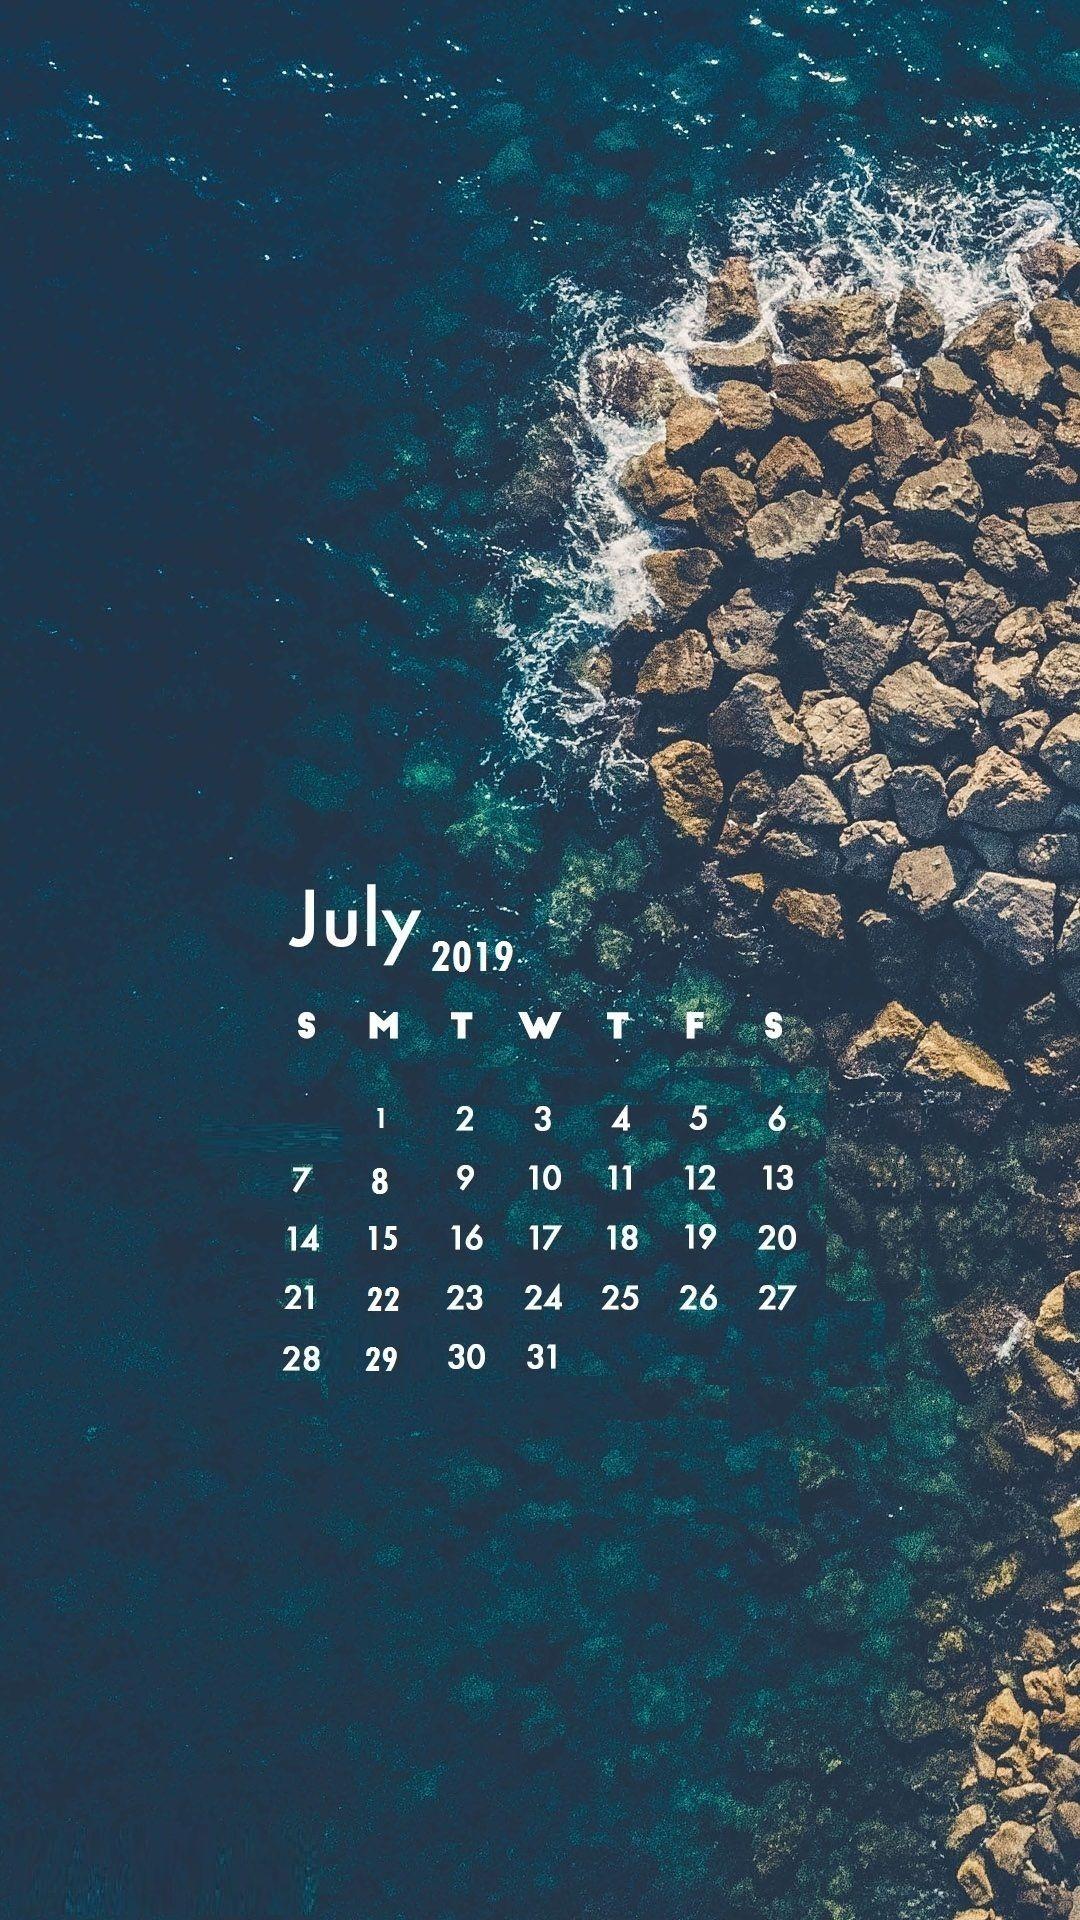 iphone calendar wallpaper july 2022 calendar wallpaper::July 2022 Calendar Wallpaper iPhone